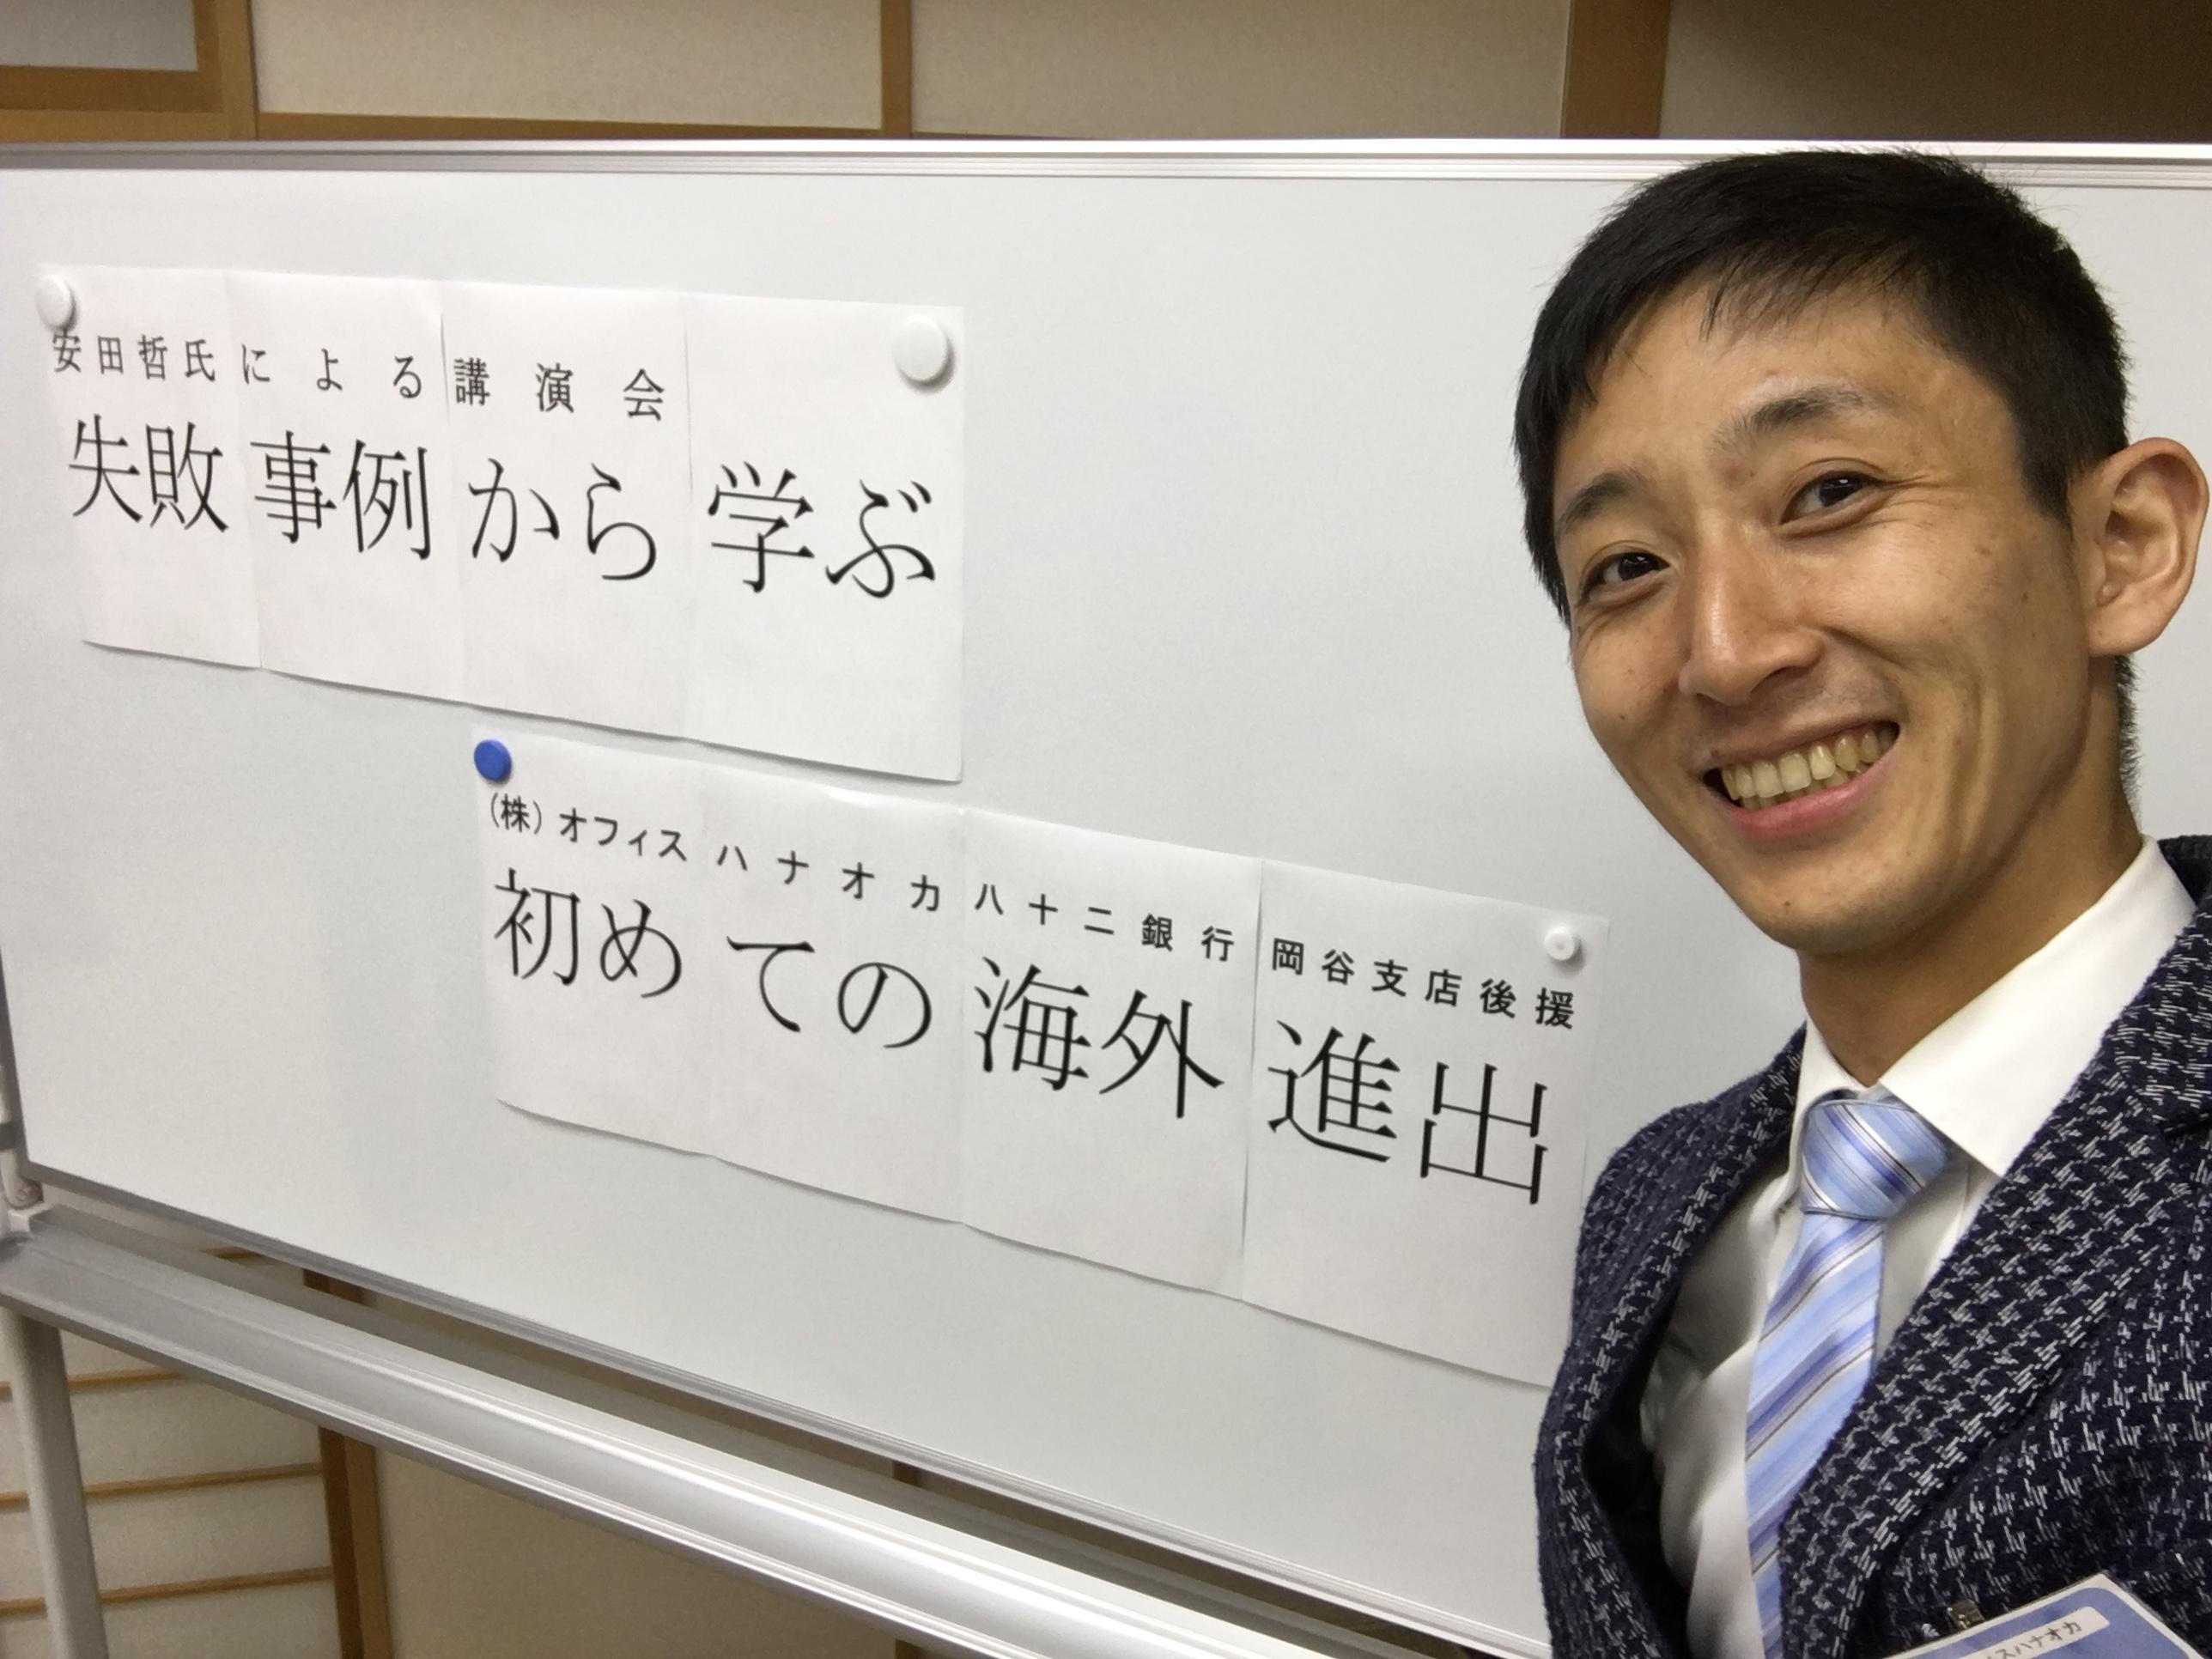 2018年3月27日 八十二銀行後援 岡谷にてパートナー主催のセミナーに登壇!